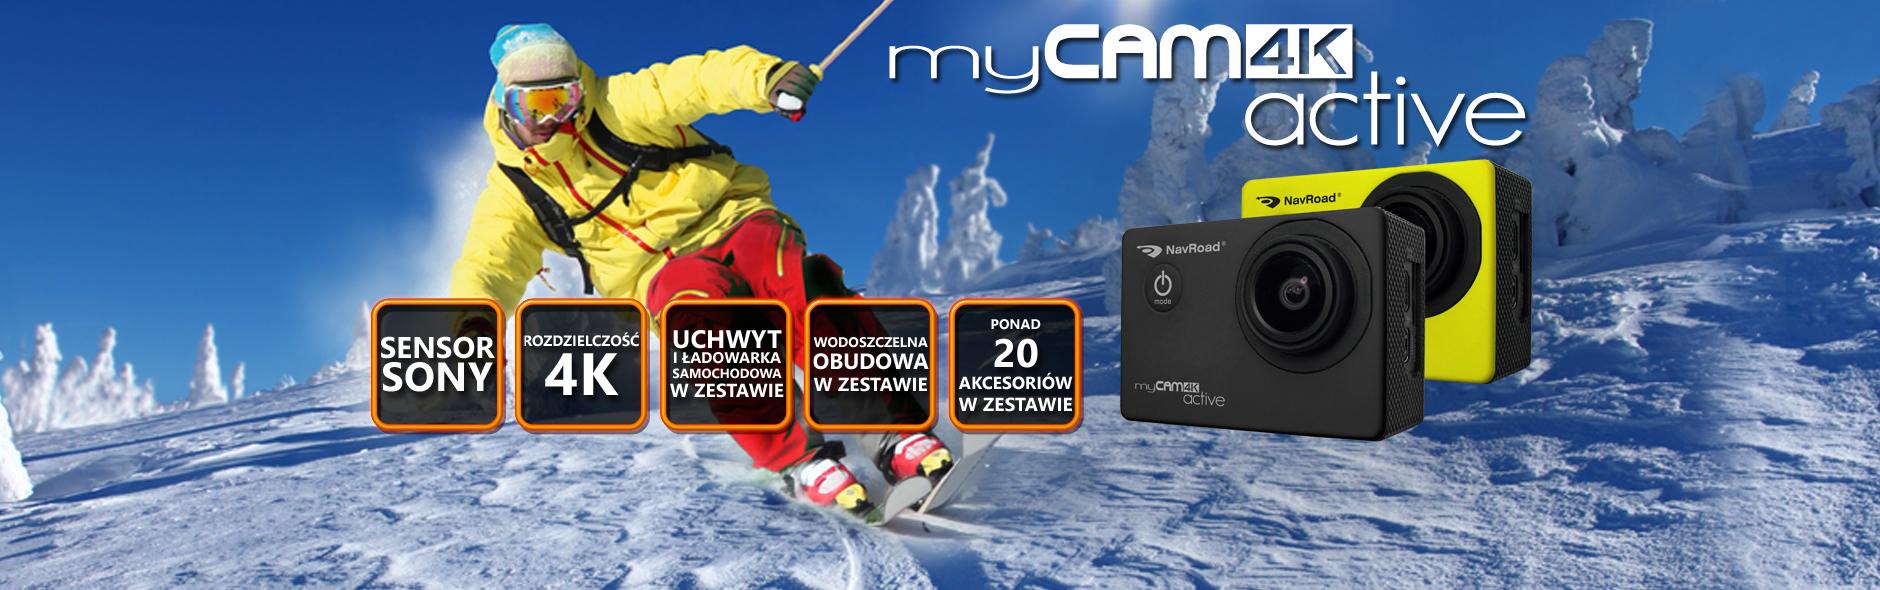 mycam-4k-active_banner_ok